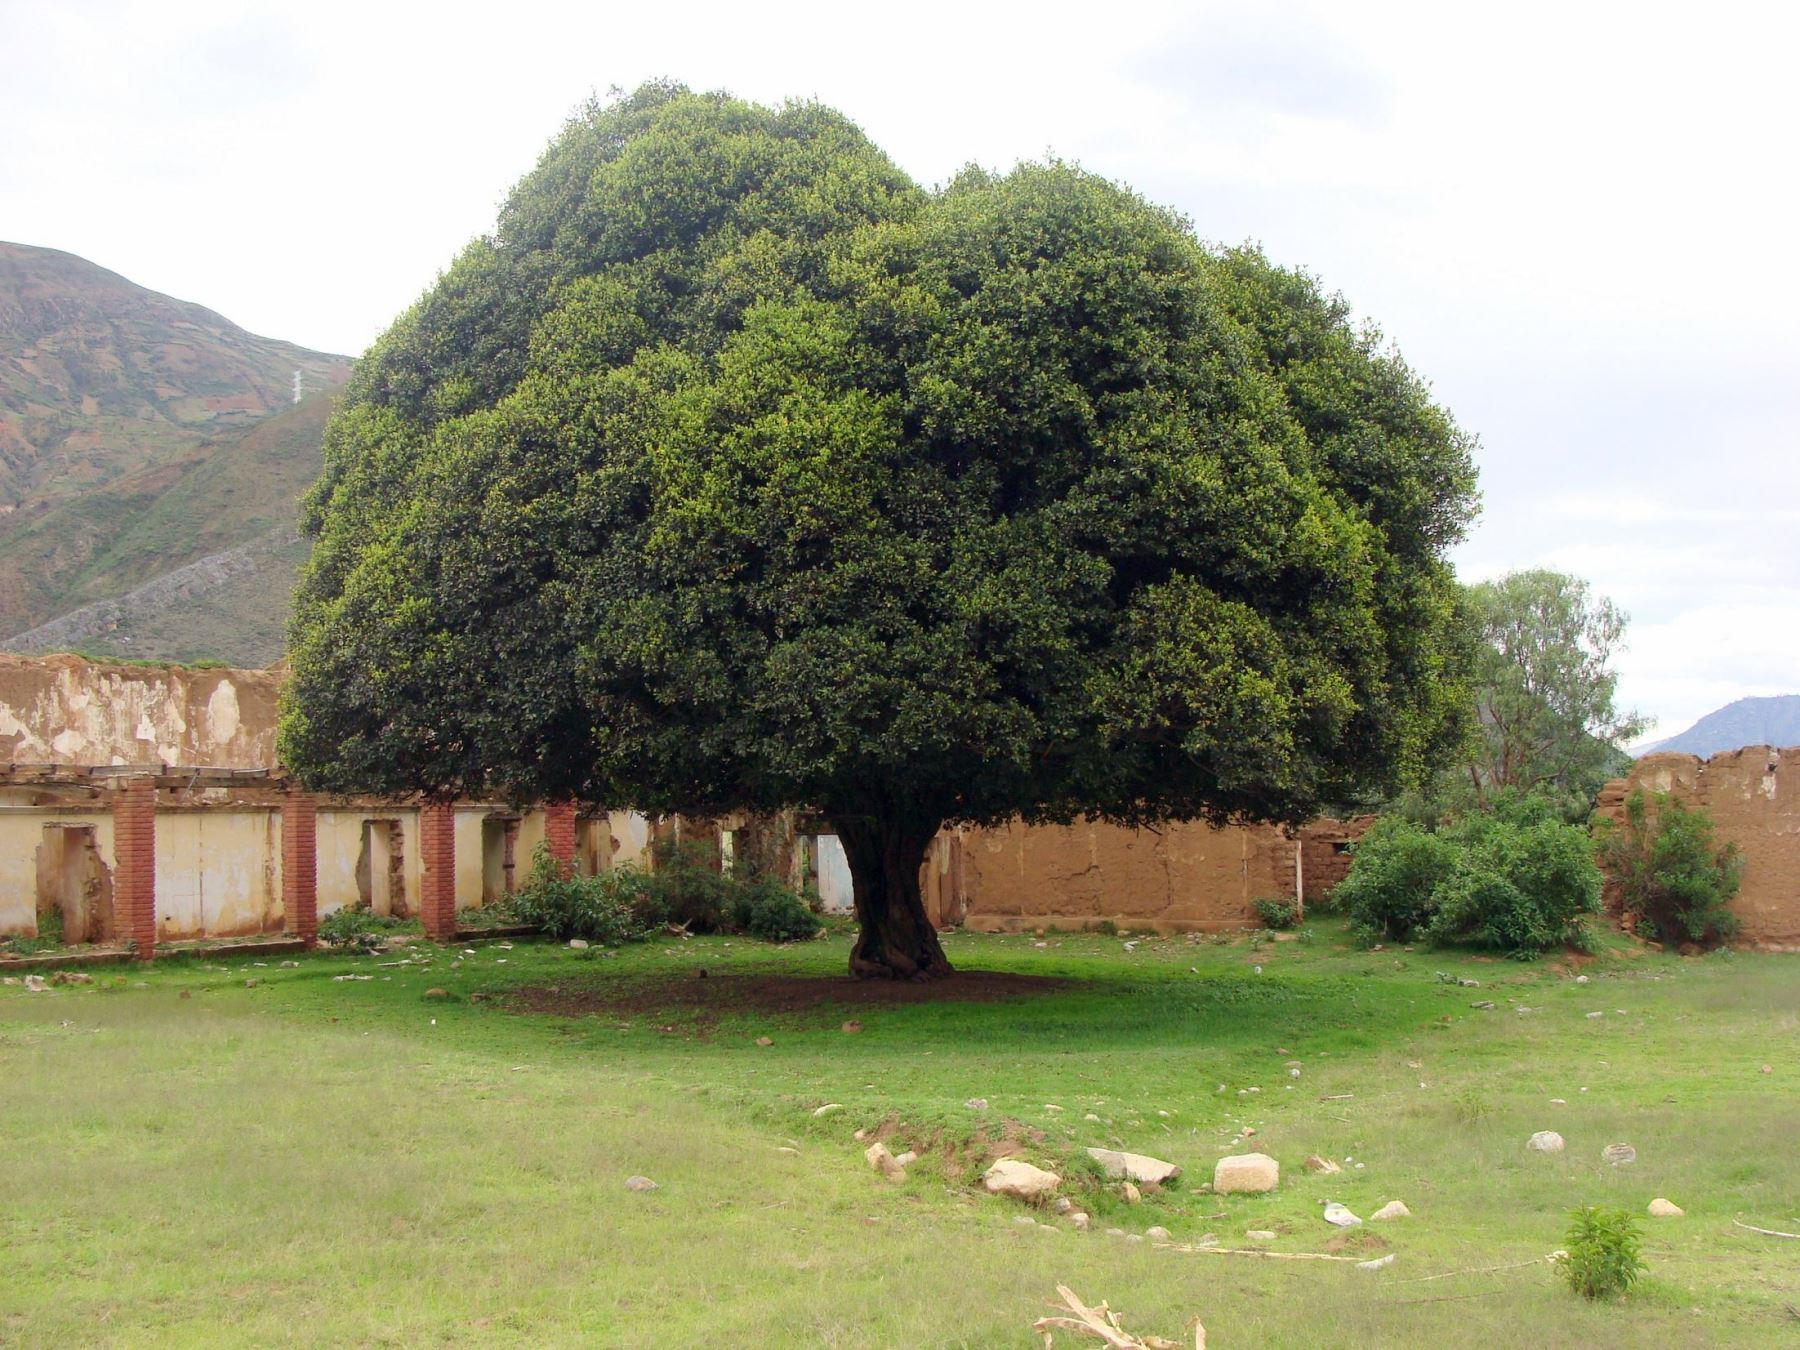 Área de conservación privada en Piura protege al emblemático árbol de la quina